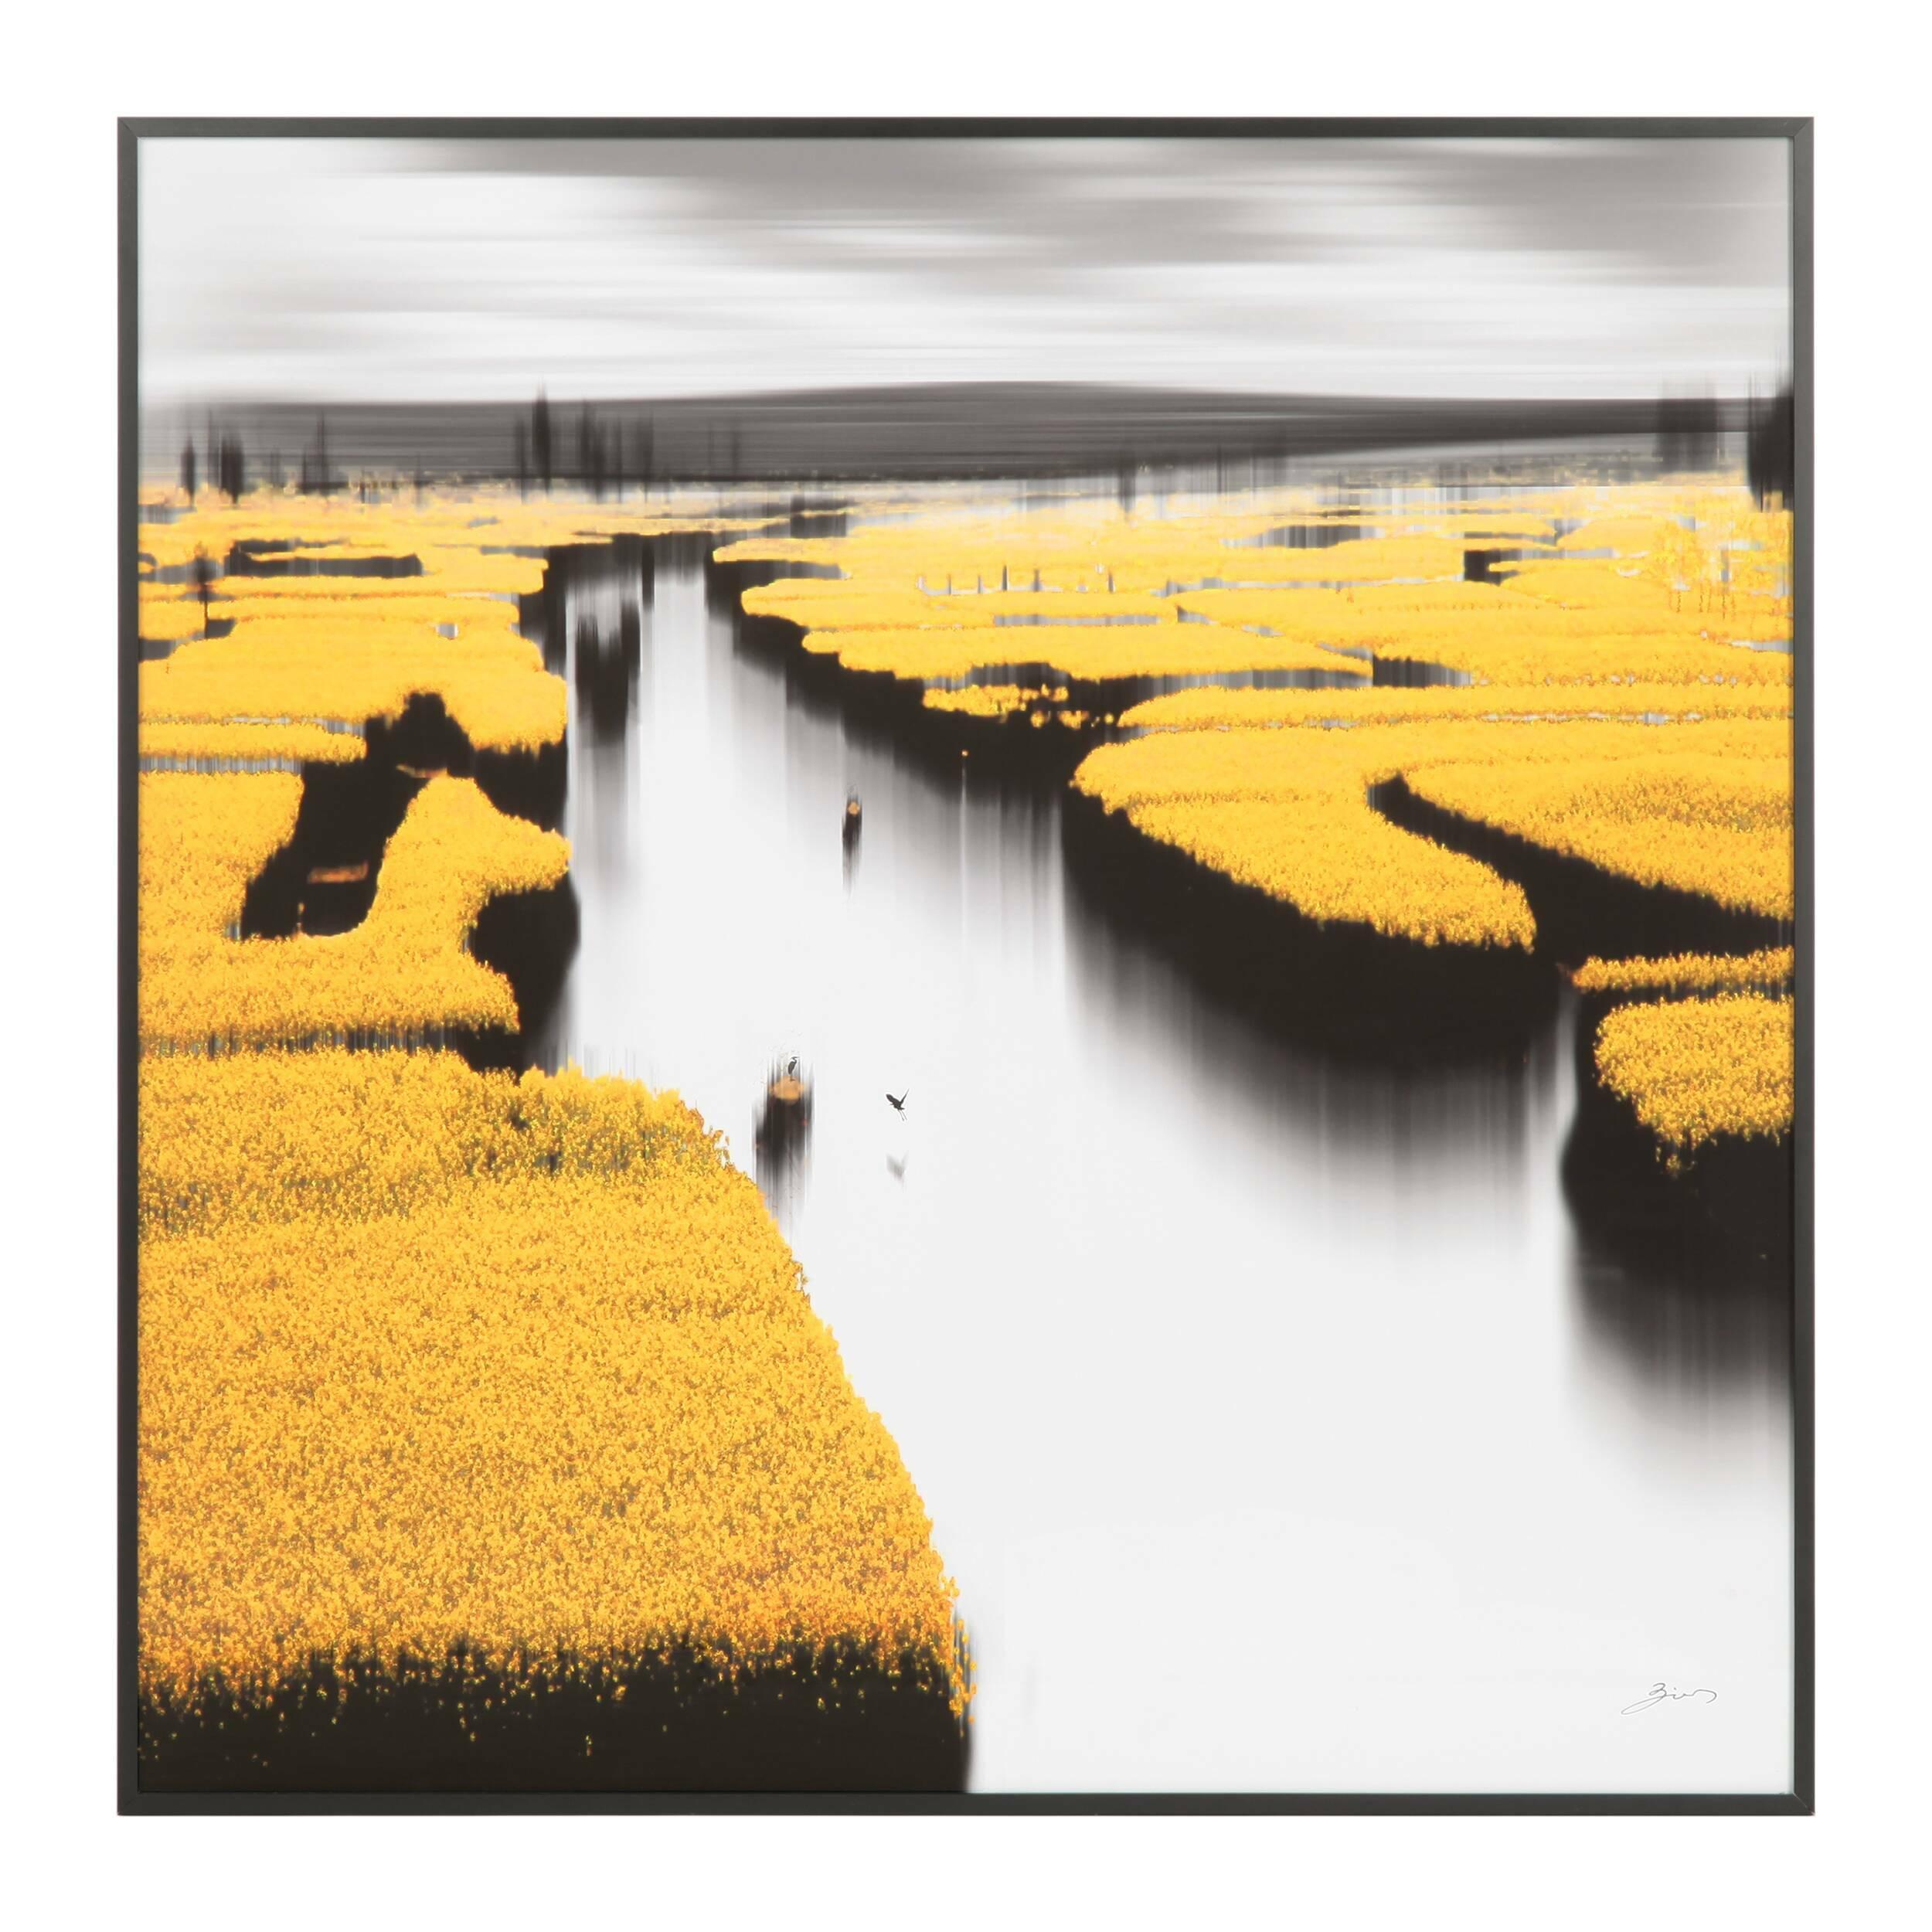 Постер Golden ShoresКартины<br>Большое полотно красивейшего пейзажа и невероятной цветовой гаммы – дизайнерский постер Golden Shores (Золотые Берега) удивляет своим уникальным стилем и оригинальным сочетанием ярких цветов. Особенное расположение цветов и эффектов создает ощущение присутствия – постер кажется объемным, благодаря чему визуально увеличивается пространство помещения.<br><br><br> Картина обладает внушительными размерами – она будет ярким и интересным акцентом в любом интерьере. Наилучшим образом постер будет смо...<br><br>stock: 6<br>Ширина: 90,4<br>Цвет: Желтый<br>Длина: 90,4<br>Цвет дополнительный: Темно-серый